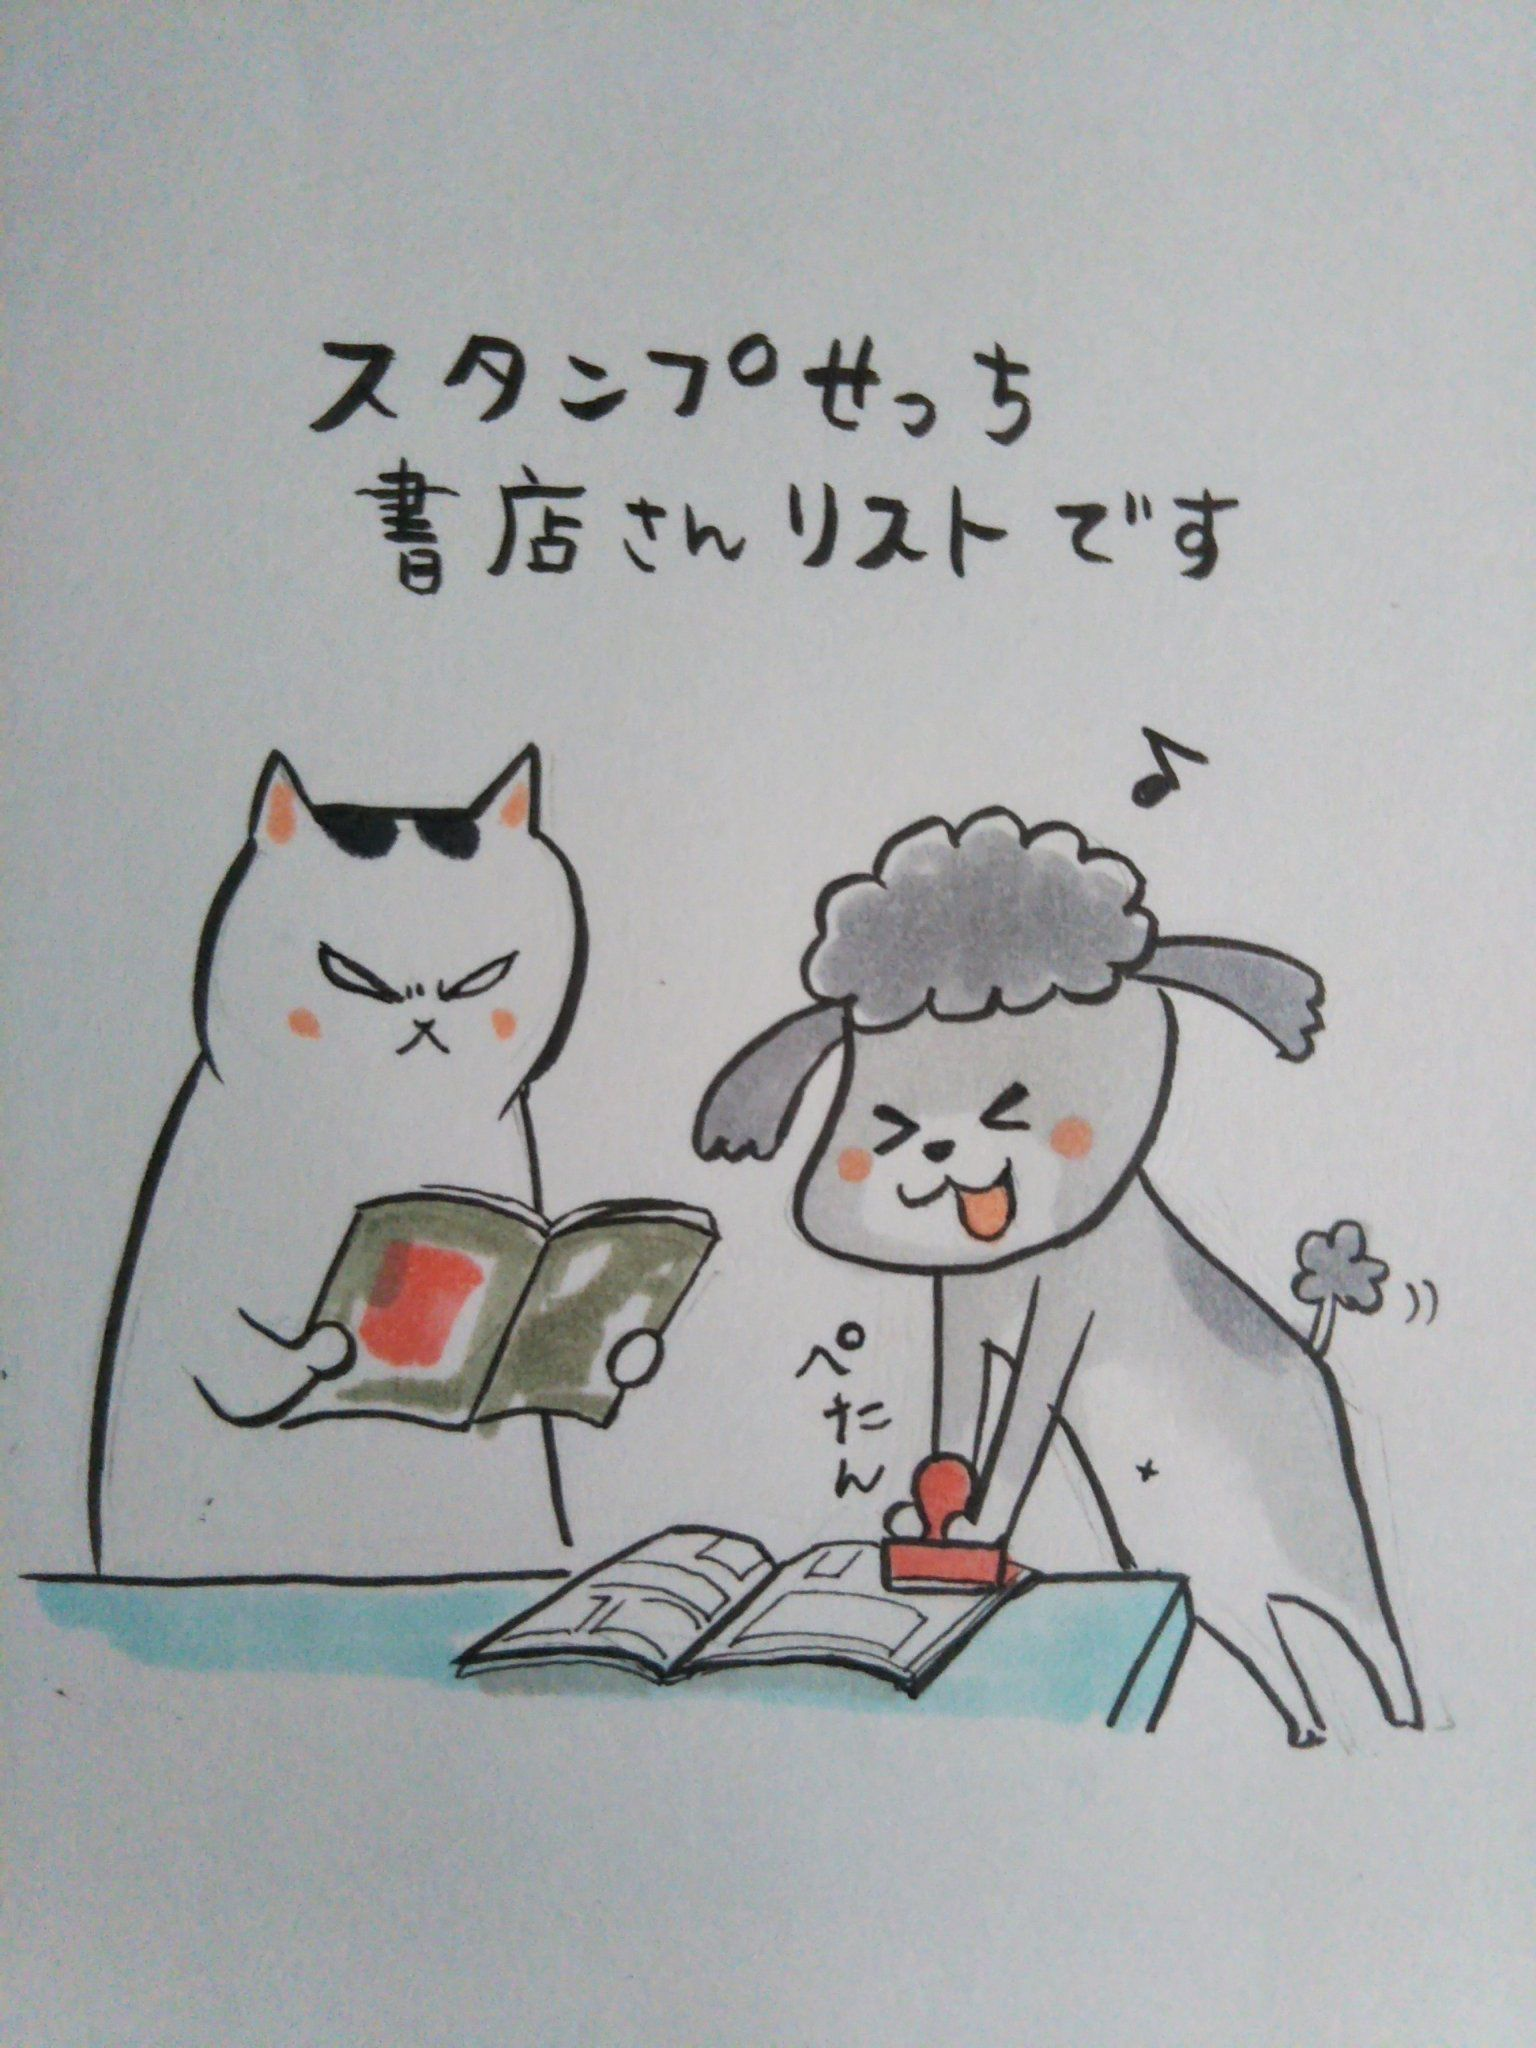 松本ひで吉 おしゃれまとめの人気アイデア Pinterest Gee Nascimento 松本ひで吉 犬と猫 動物おもしろ画像